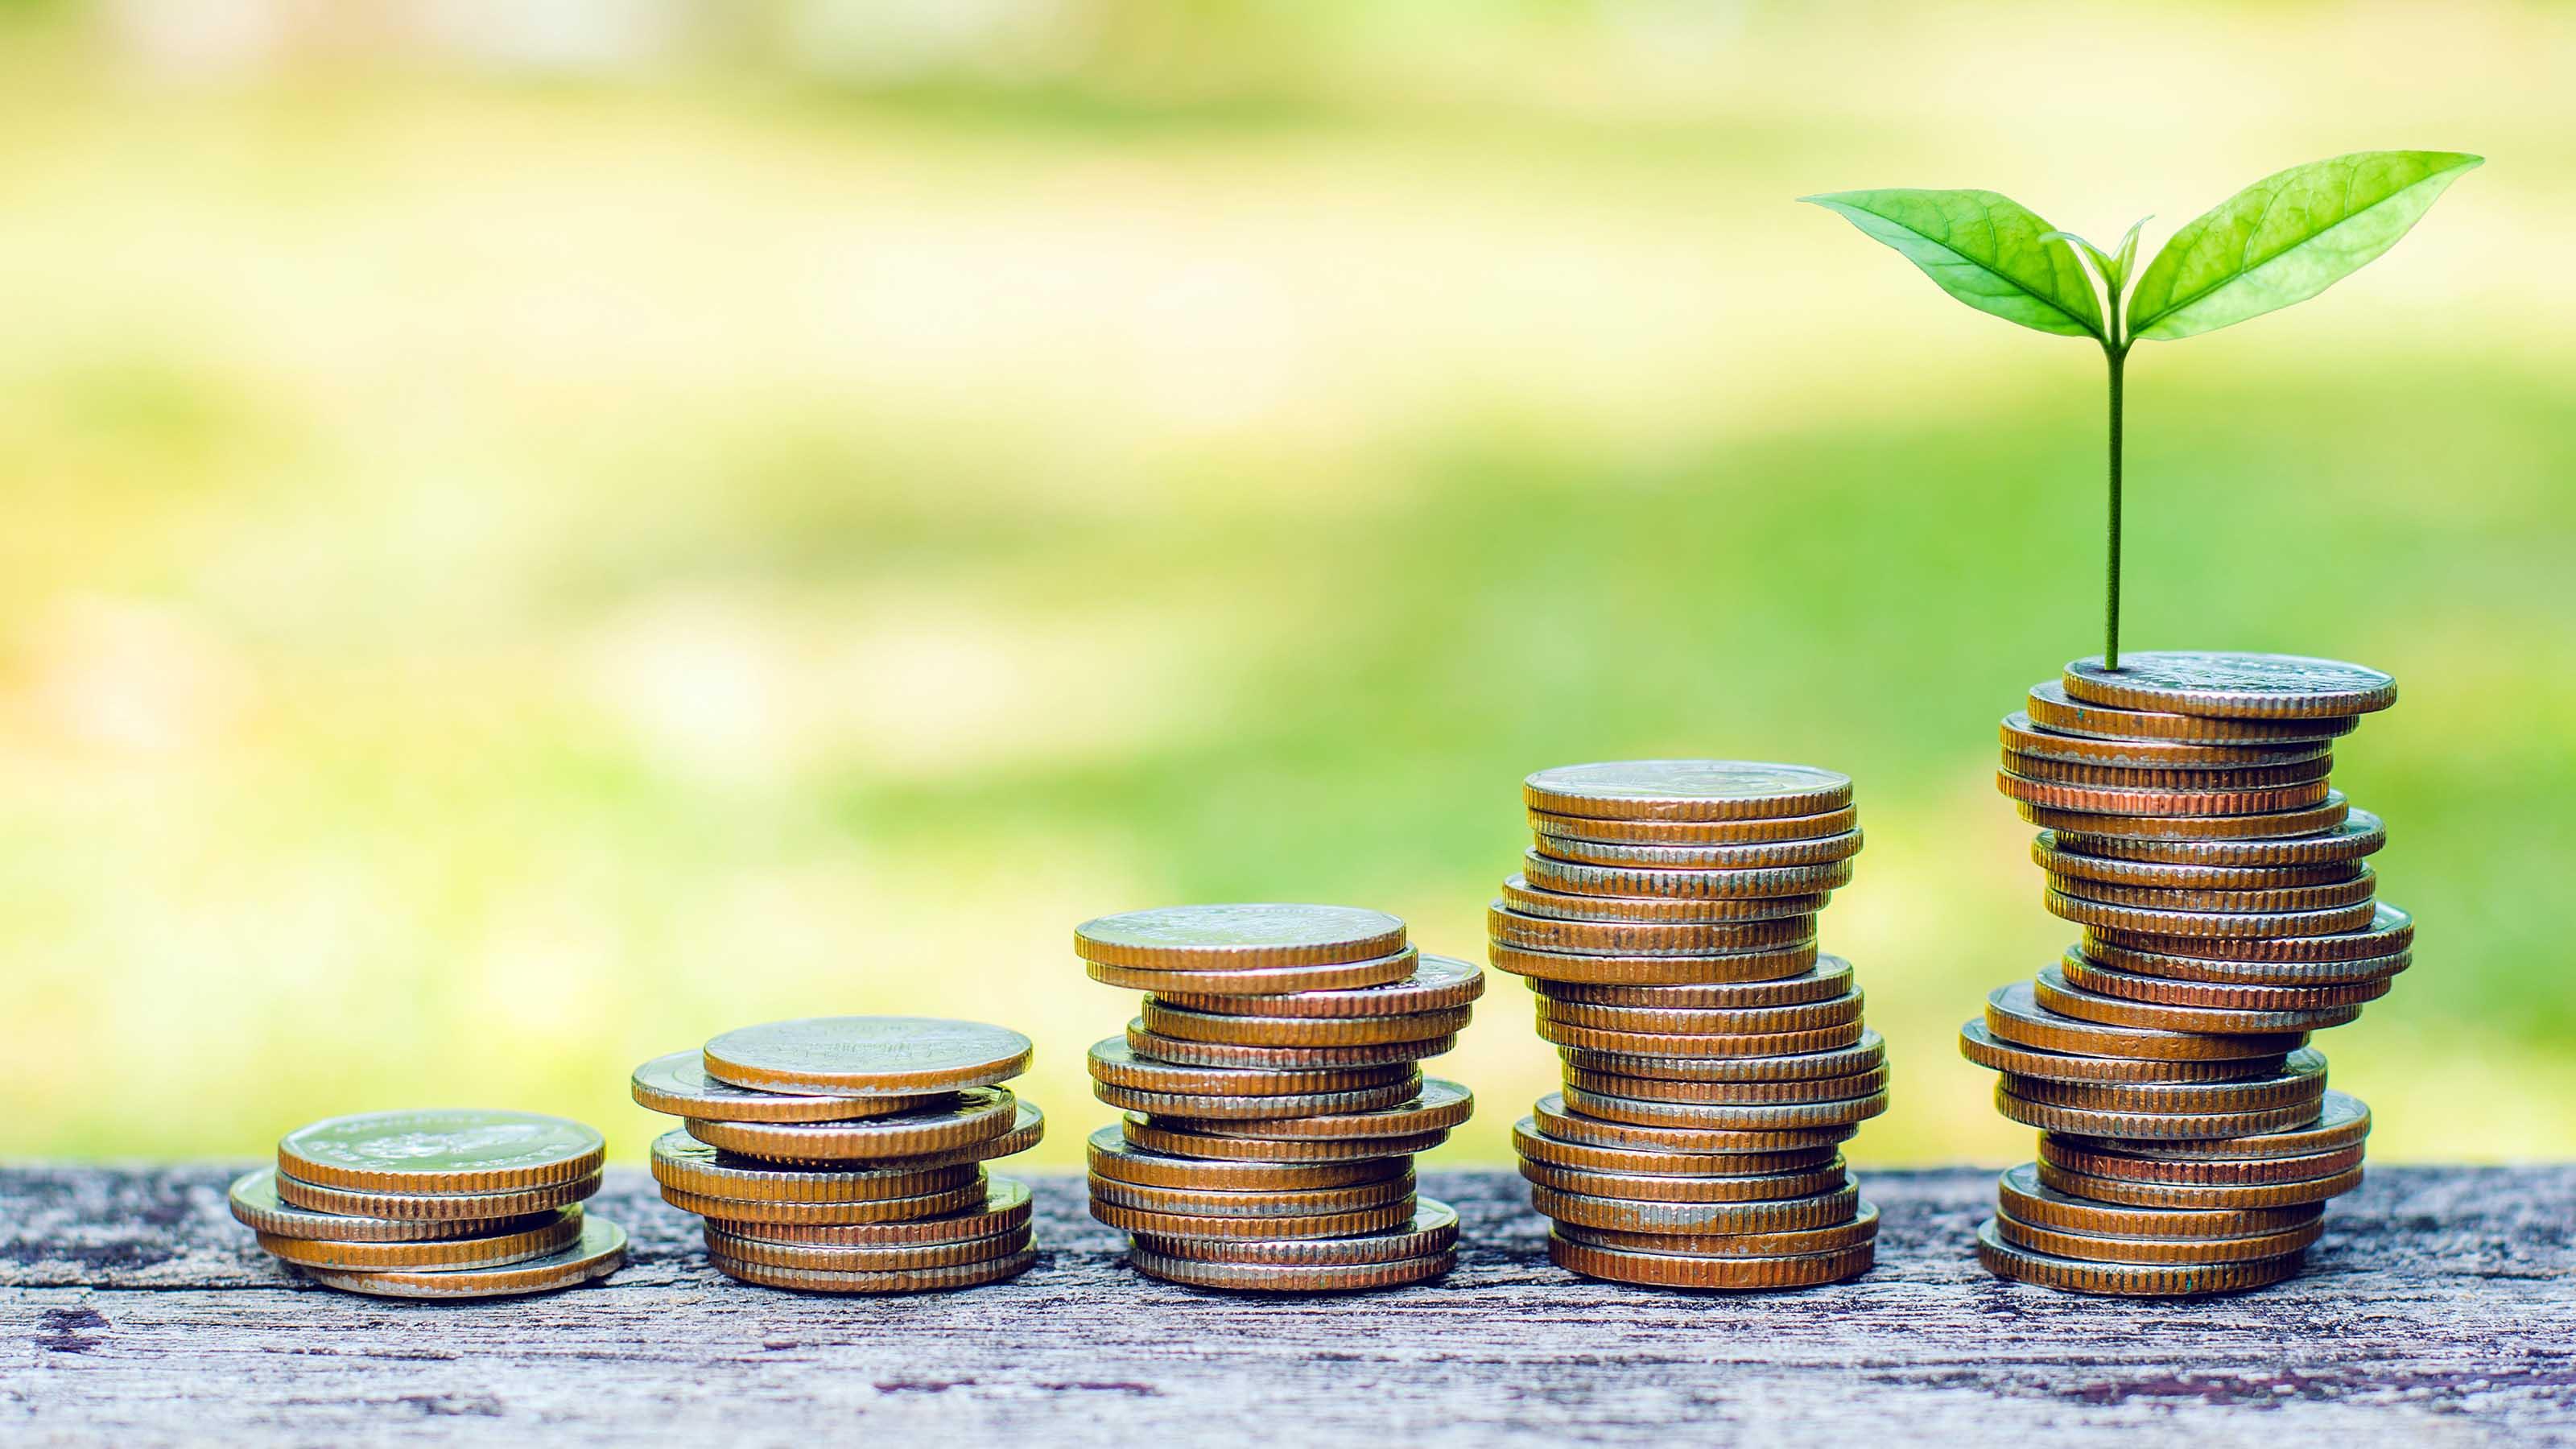 SRI vs. ESG vs. Impact Investing: What's the Difference? | Kiplinger